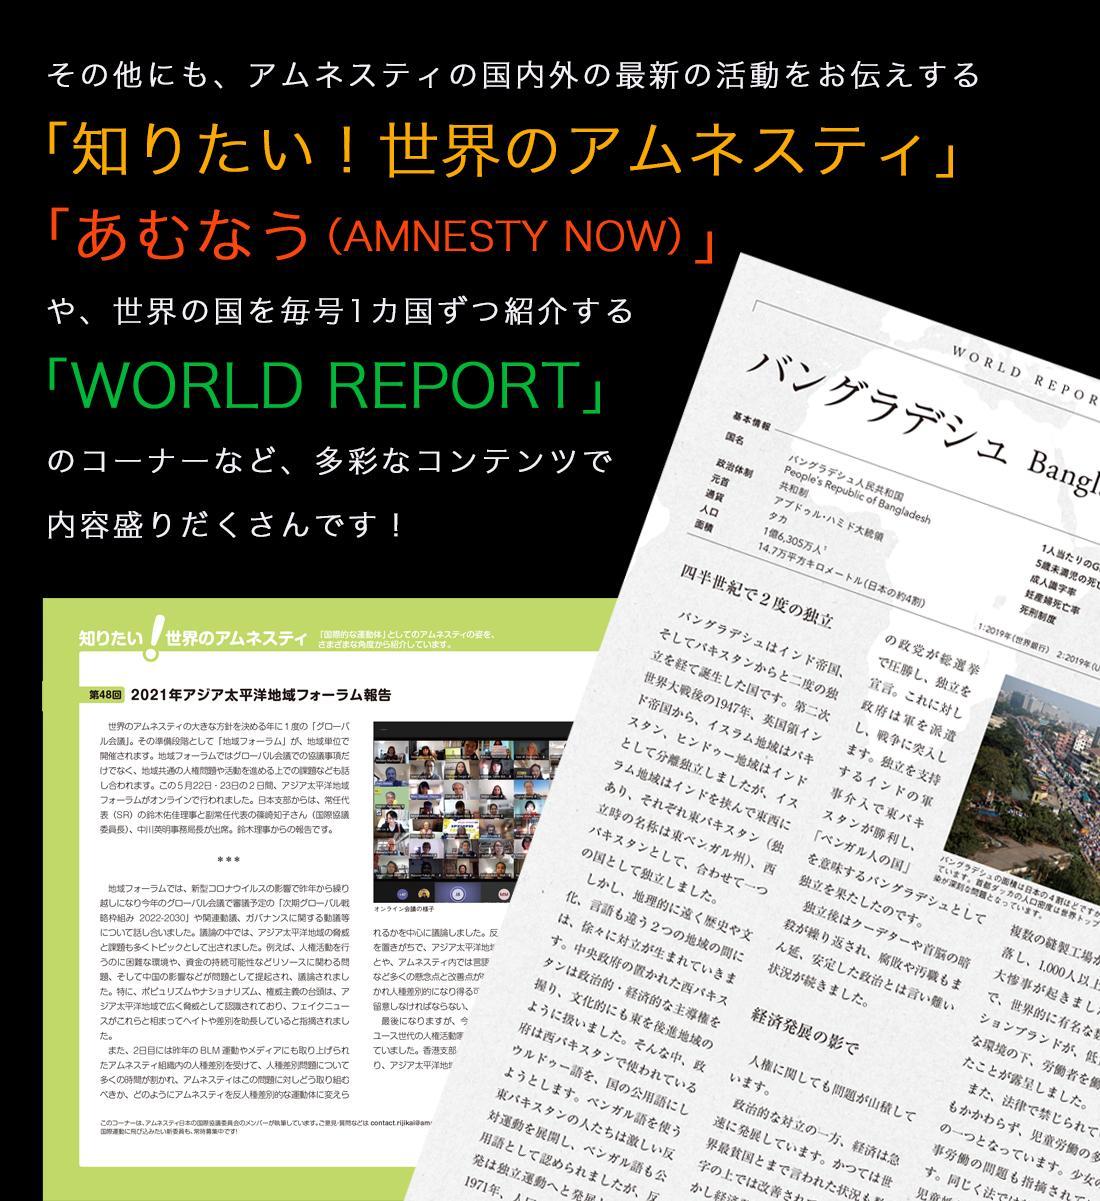 その他にも、アムネスティの国内外の最新の活動をお伝えする「知りたい!世界のアムネスティ」「あむなう(Amnesty now)」や、世界の国を毎号1カ国ずつ紹介する「World report」のコーナーなど、多彩なコンテンツで内容盛りだくさんです!